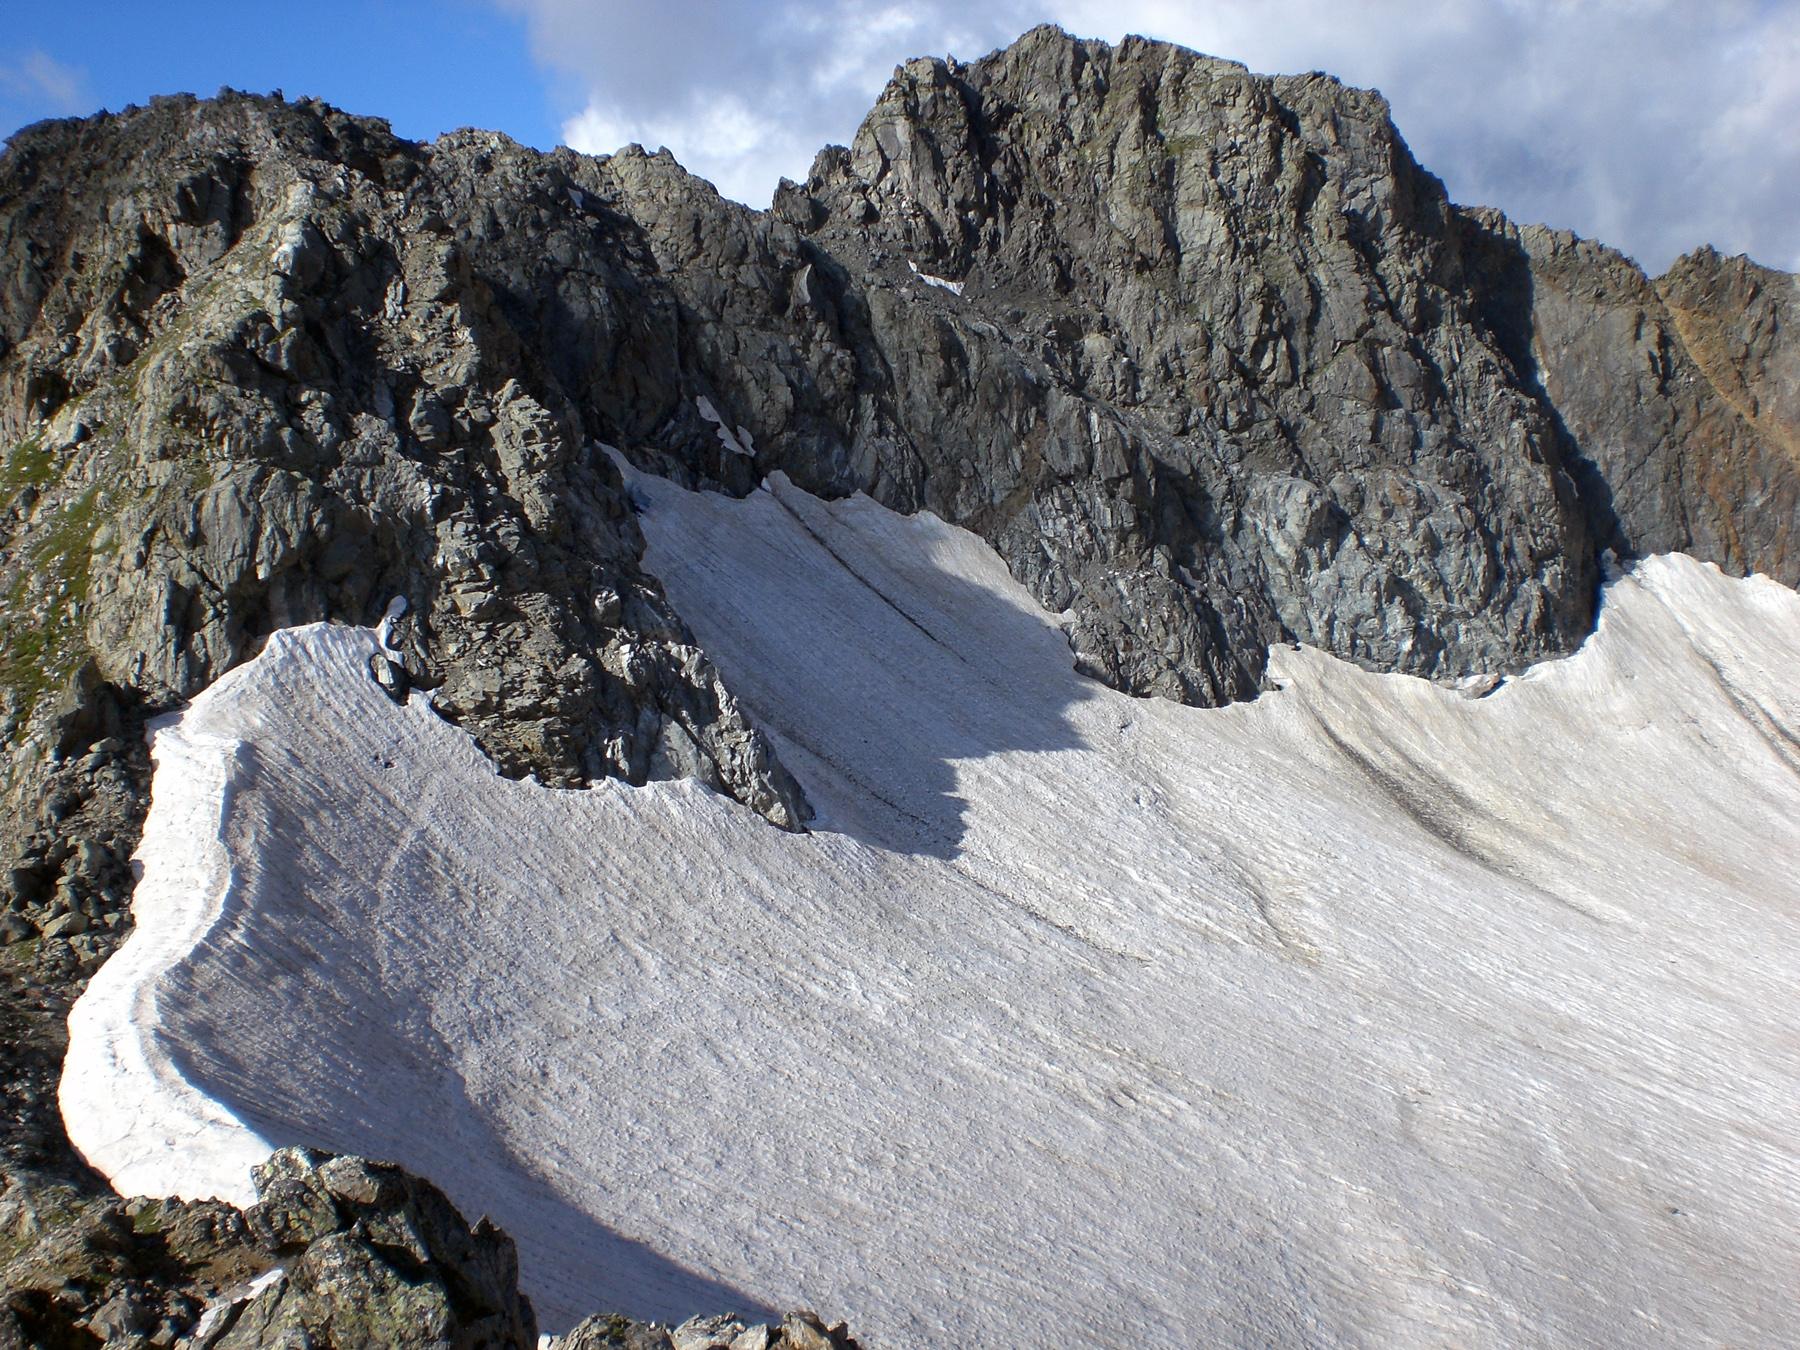 кровей софийский ледник архыз фото знаниям всегда